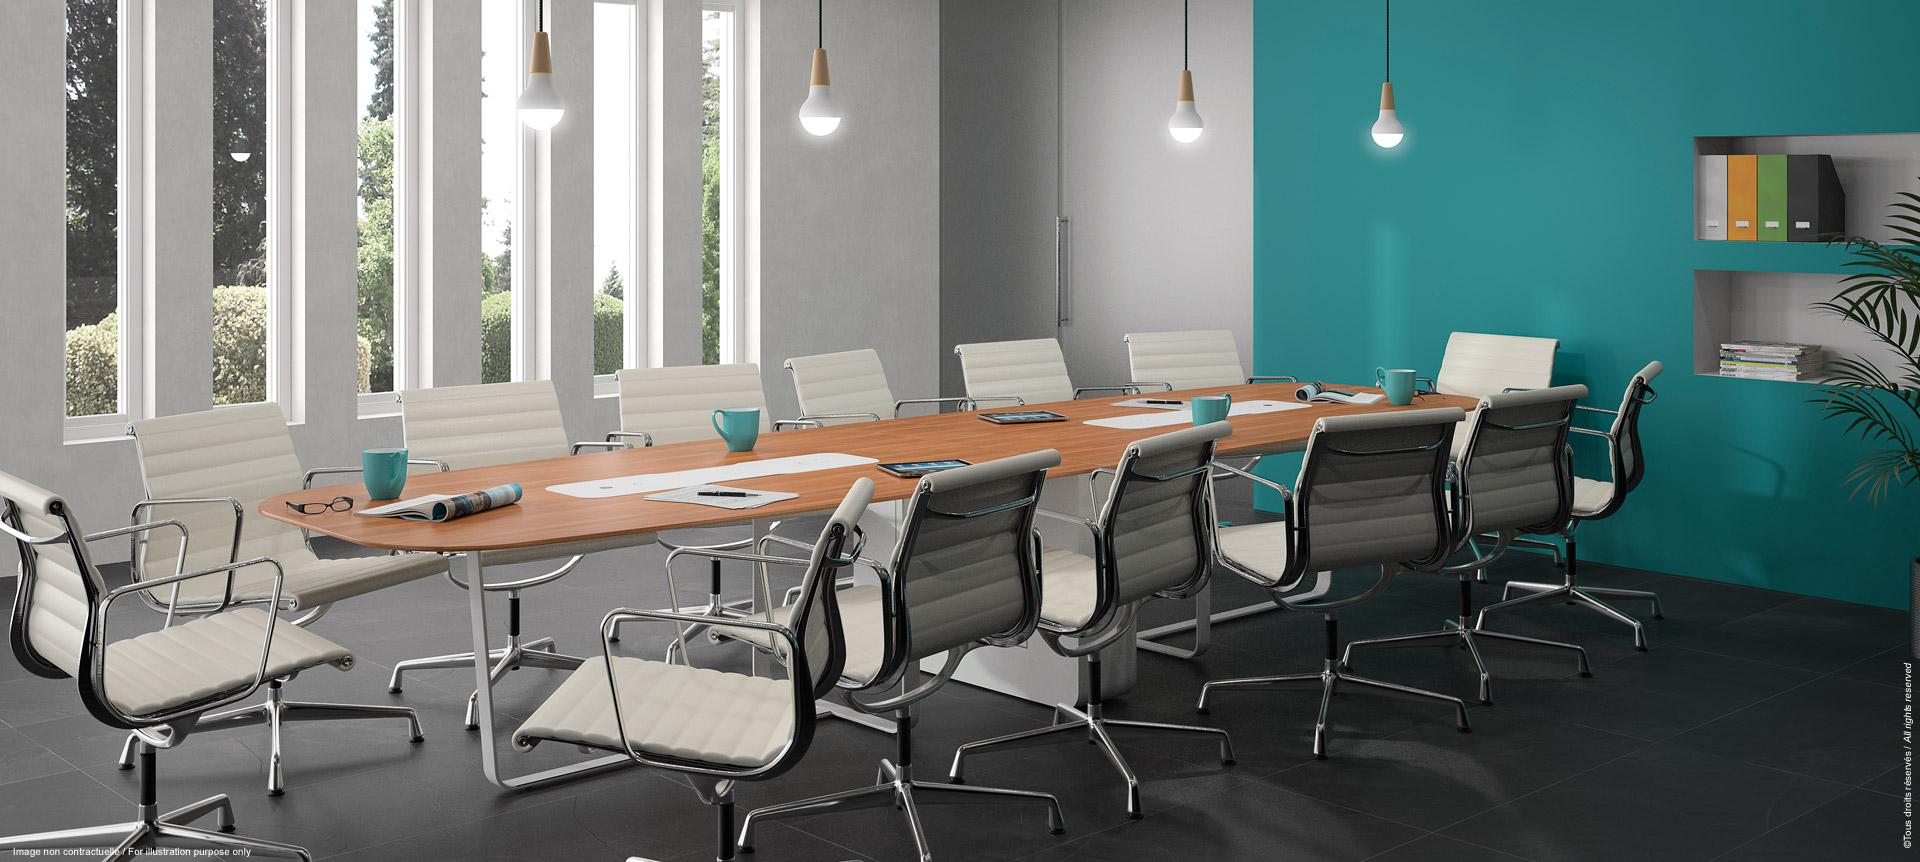 WEMEET MIXED - table de réunion multimédia modulable avec écran rétractable